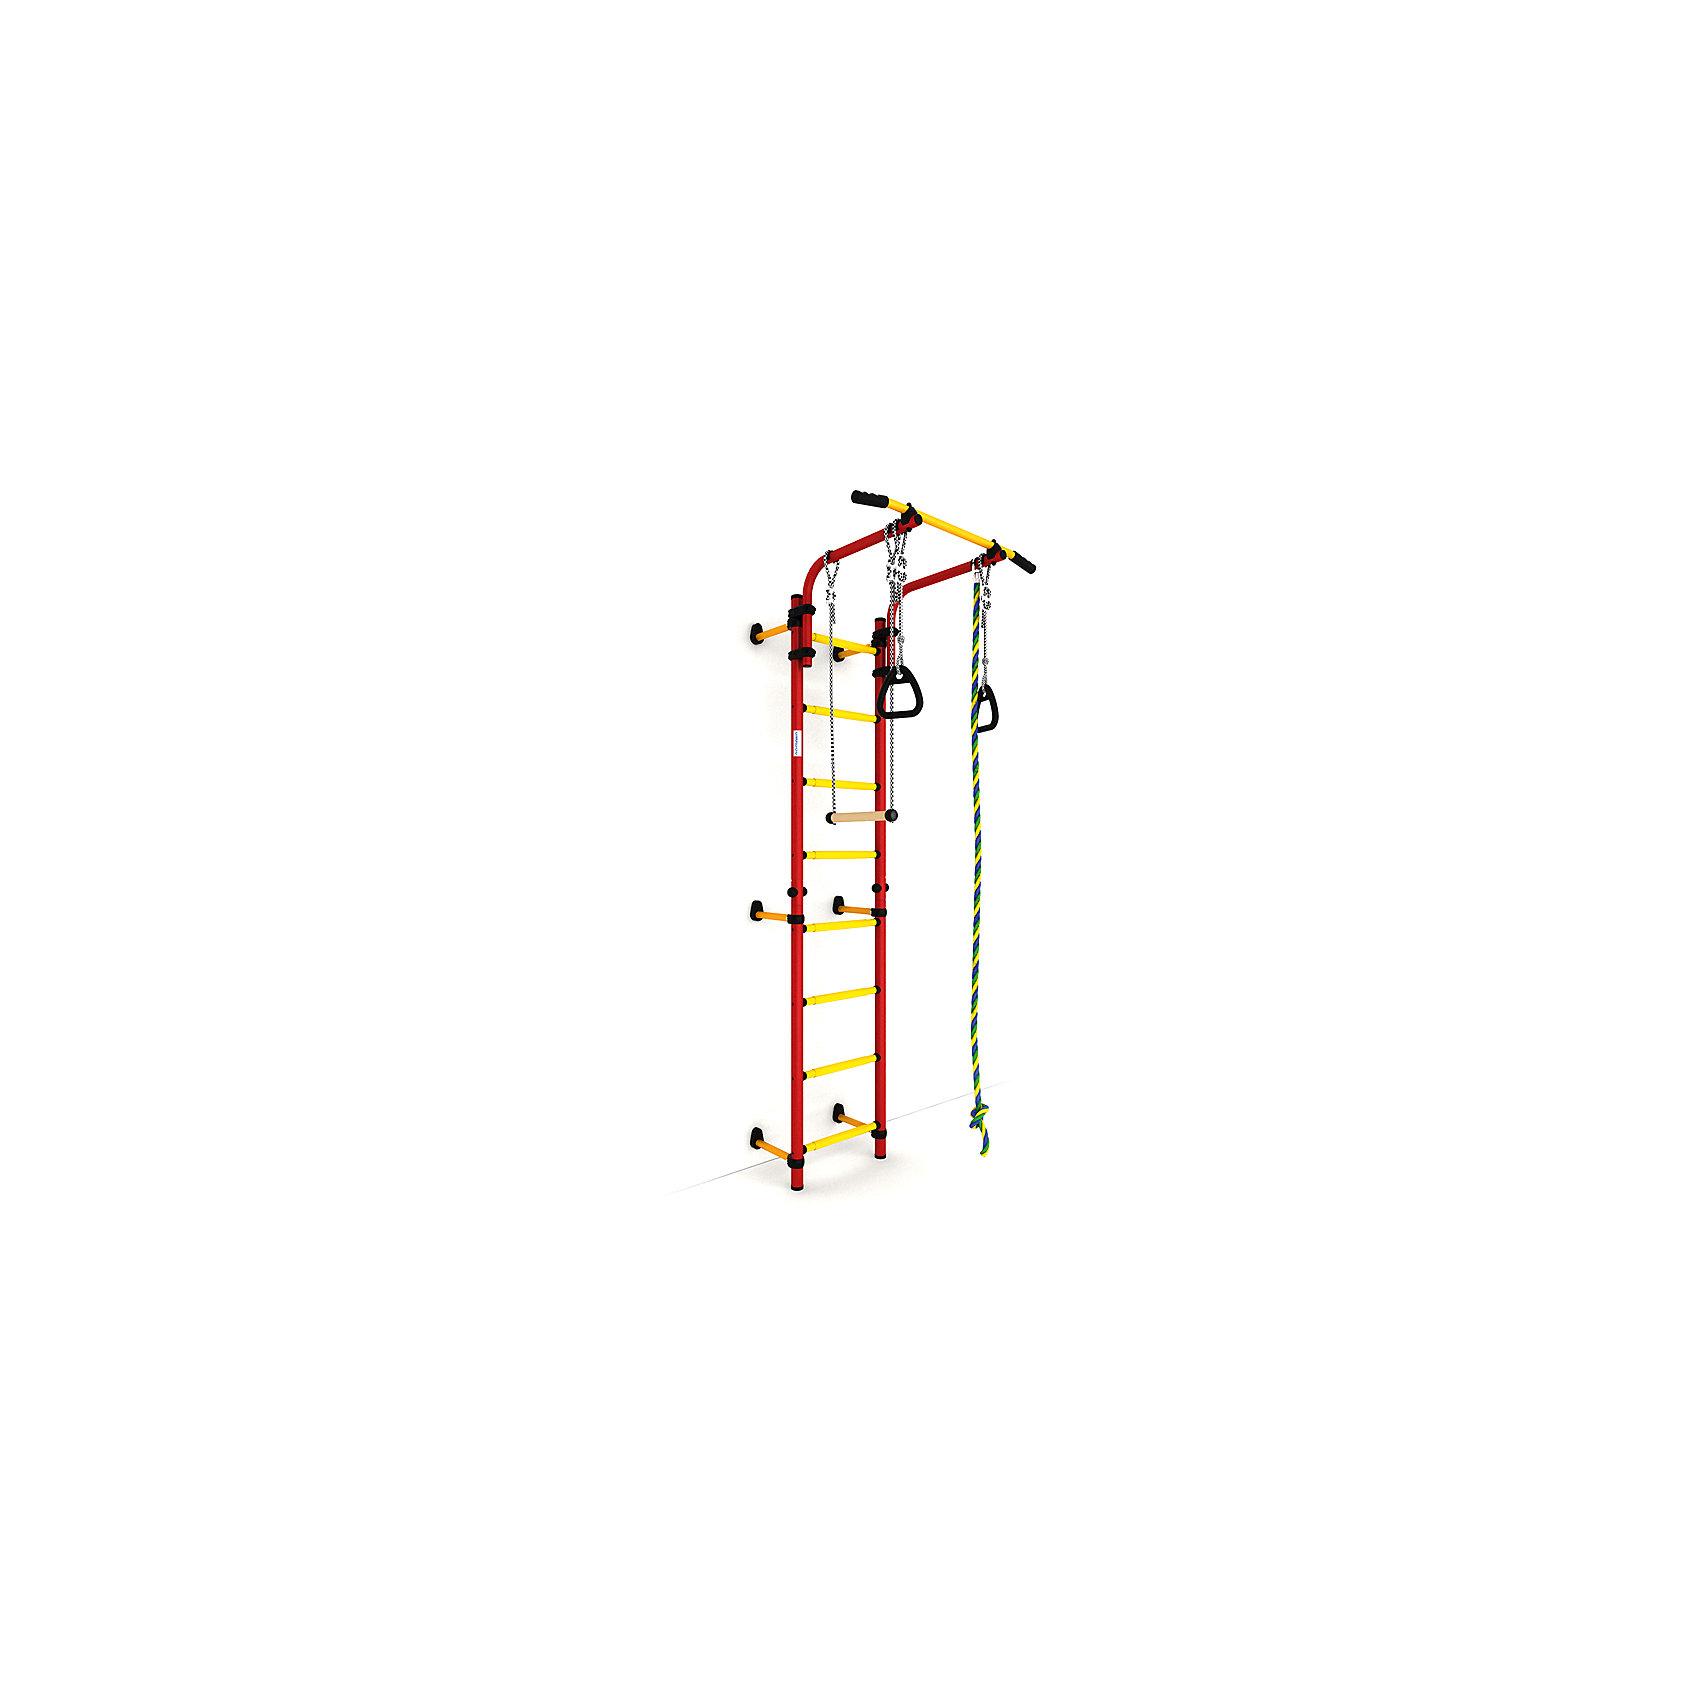 Шведская лестница Комета NEXT-1 (410 мм), красный-желтыйШведские стенки<br>Шведская стенка с креплениями к стене Комета NEXT 1 - самый популярный домашний спортивный комплекс. Турник, регулируемый по длине лестницы, позволяет делать упражнения на комфортной для пользователя высоте.<br><br>Ширина мм: 1160<br>Глубина мм: 535<br>Высота мм: 140<br>Вес г: 23000<br>Возраст от месяцев: 36<br>Возраст до месяцев: 192<br>Пол: Унисекс<br>Возраст: Детский<br>SKU: 5251542